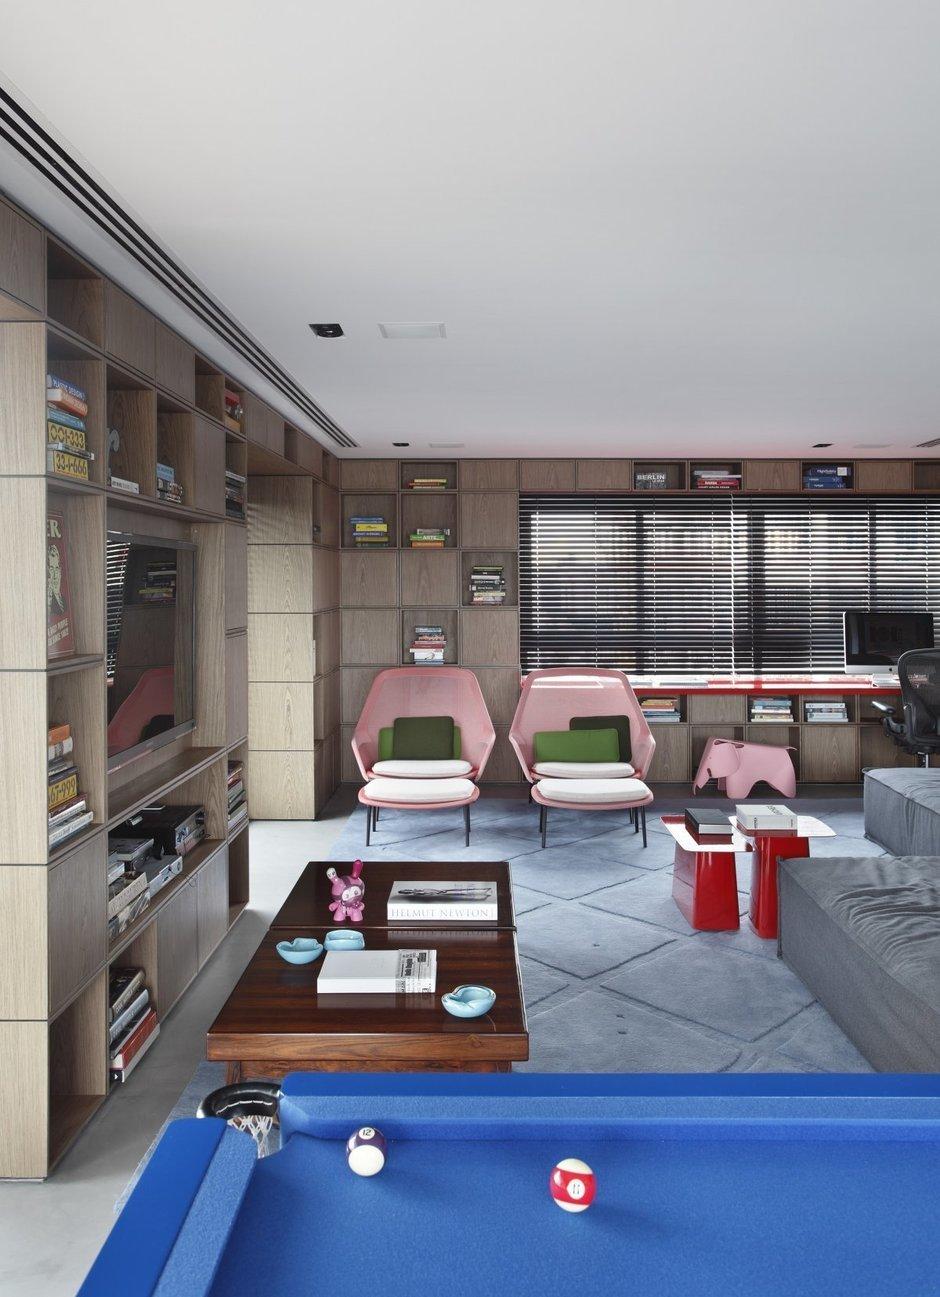 Фотография: Гостиная в стиле Современный, Дом, Цвет в интерьере, Дома и квартиры, Серый, Бразилия, Пол, Сан-Паулу – фото на InMyRoom.ru